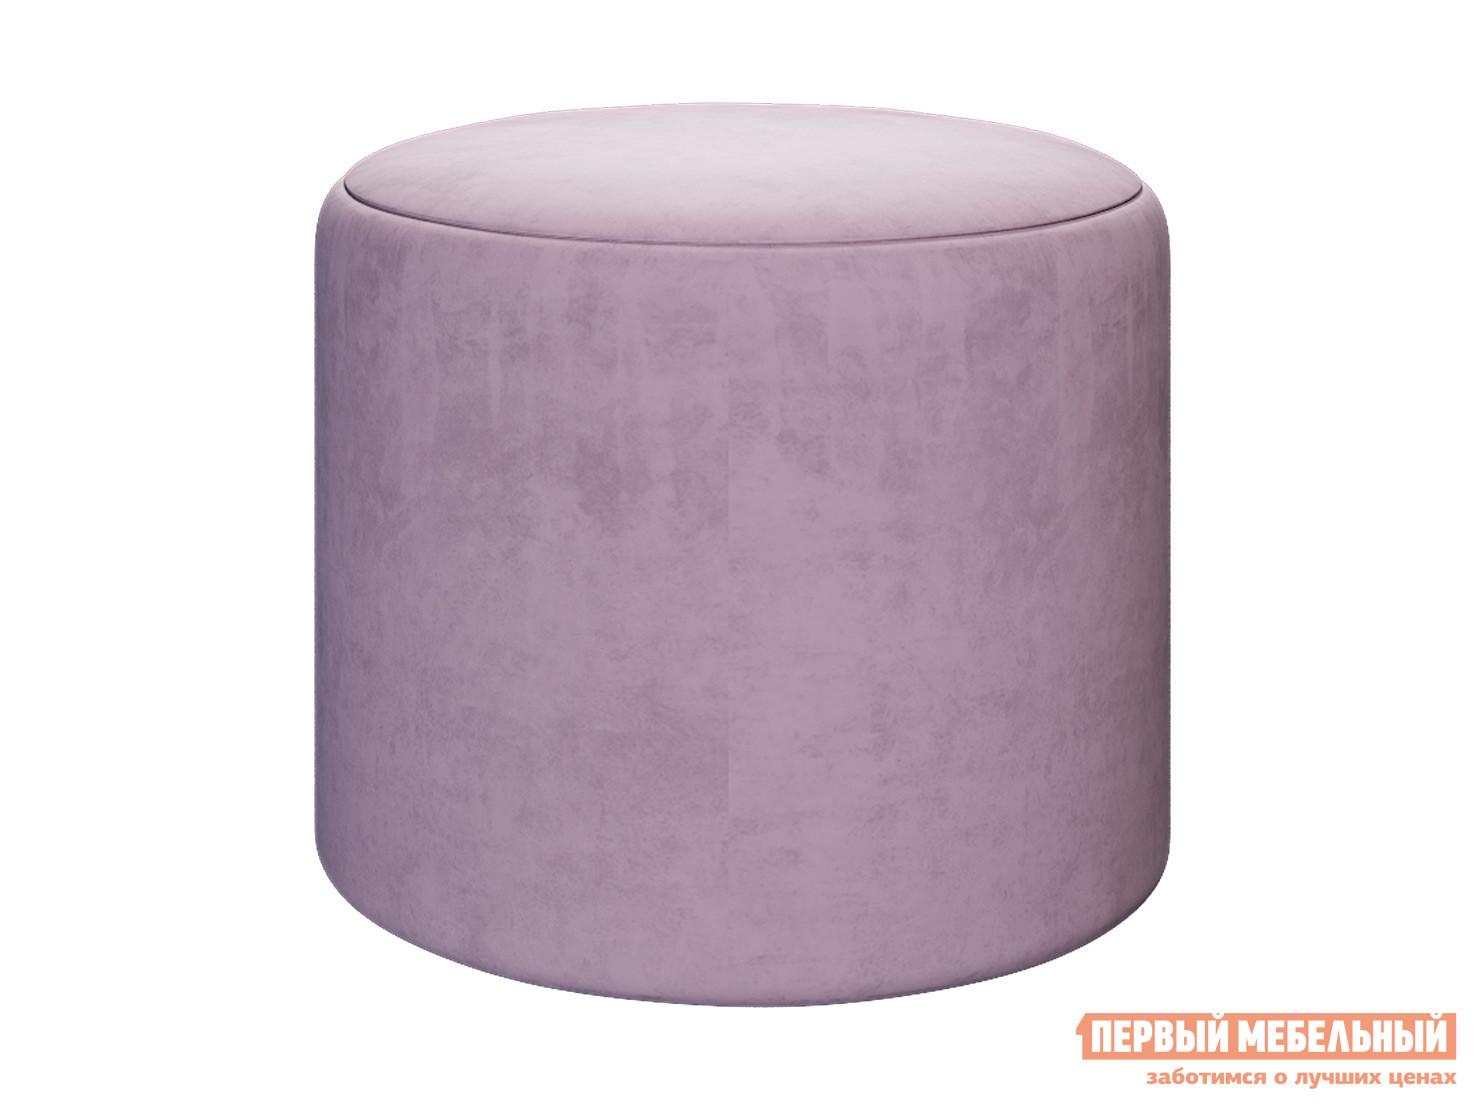 Пуфик  Пуф Тип 8 Розовый, велюр ВКДП 130271